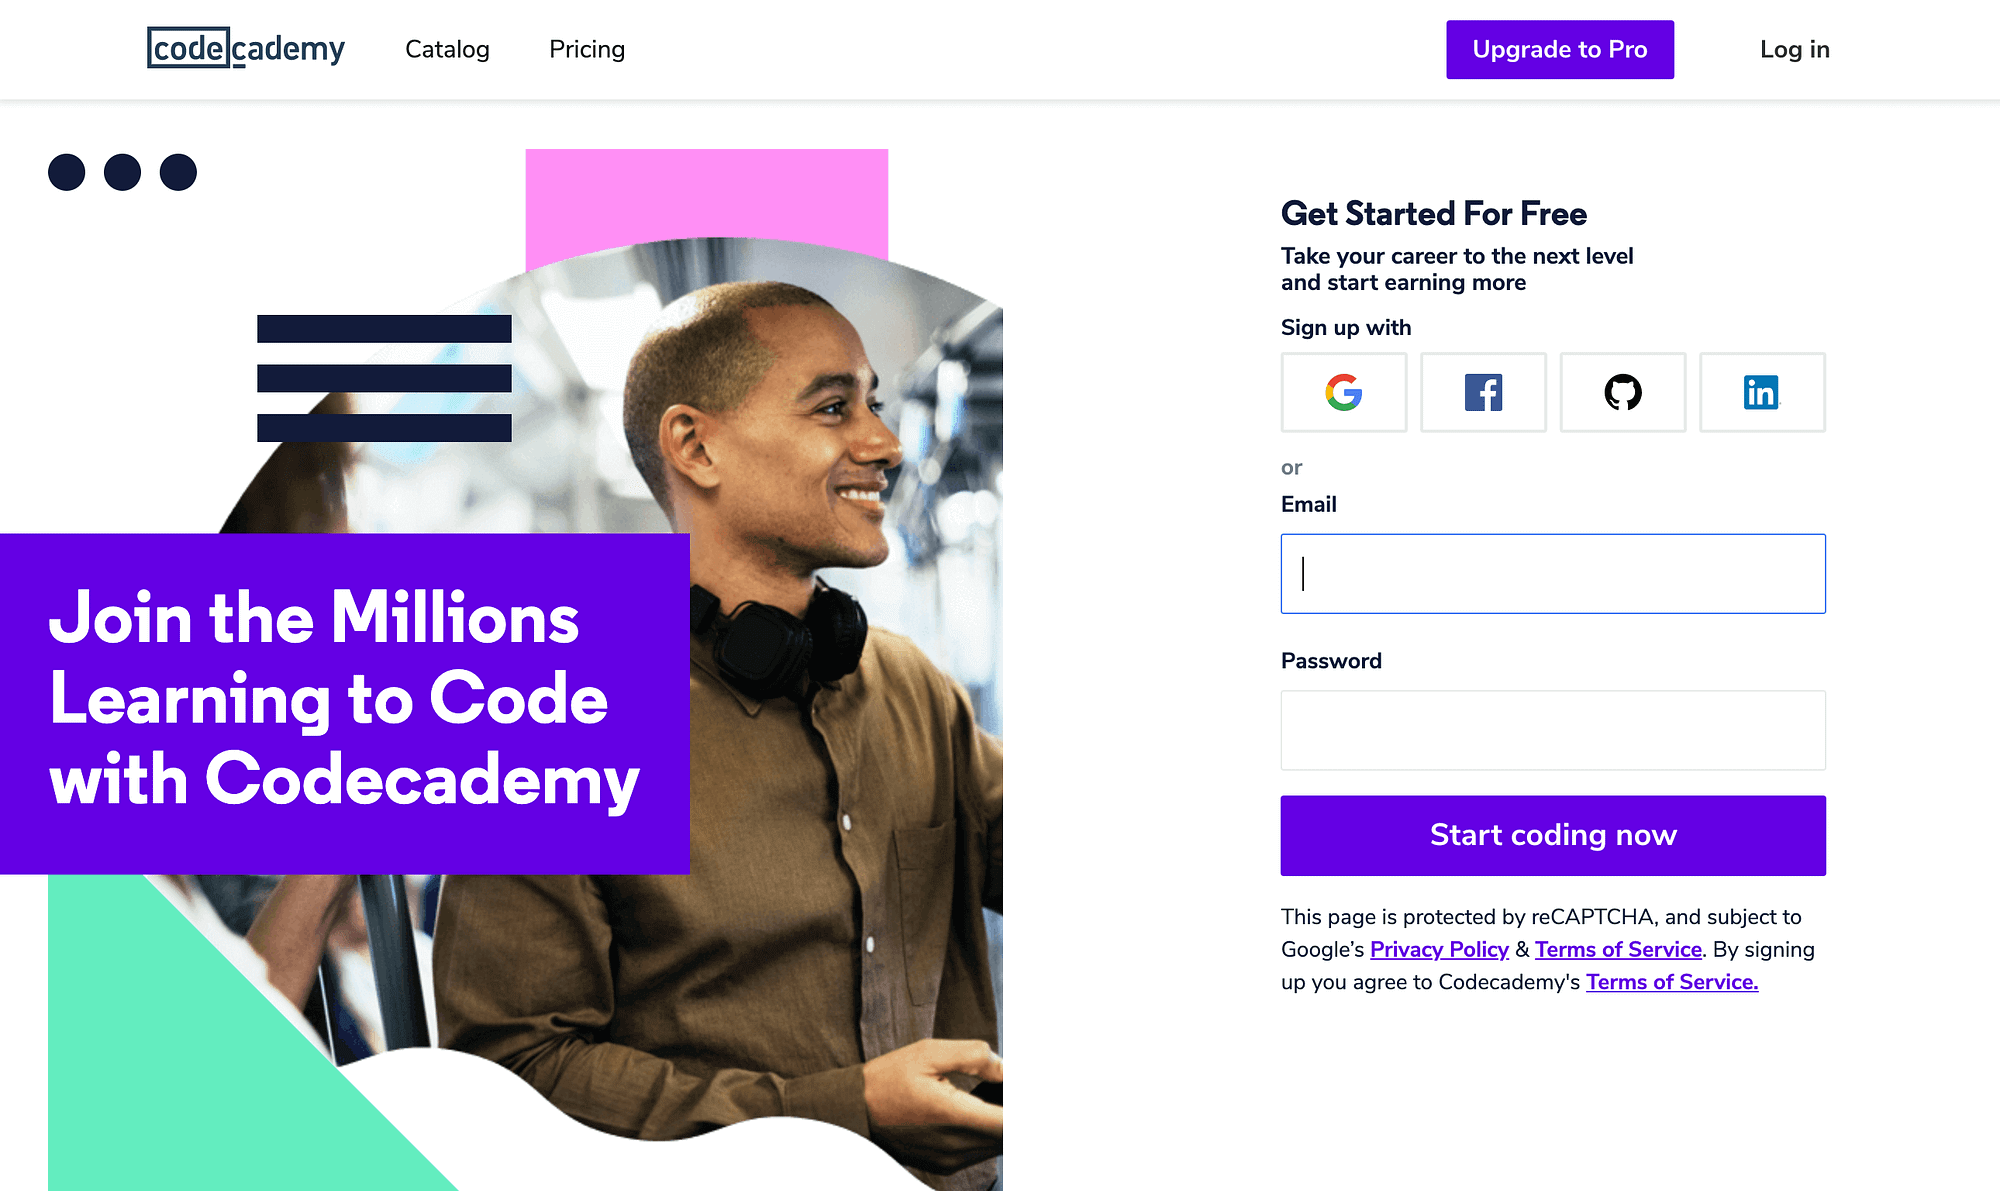 La página de inicio de Codecademy.